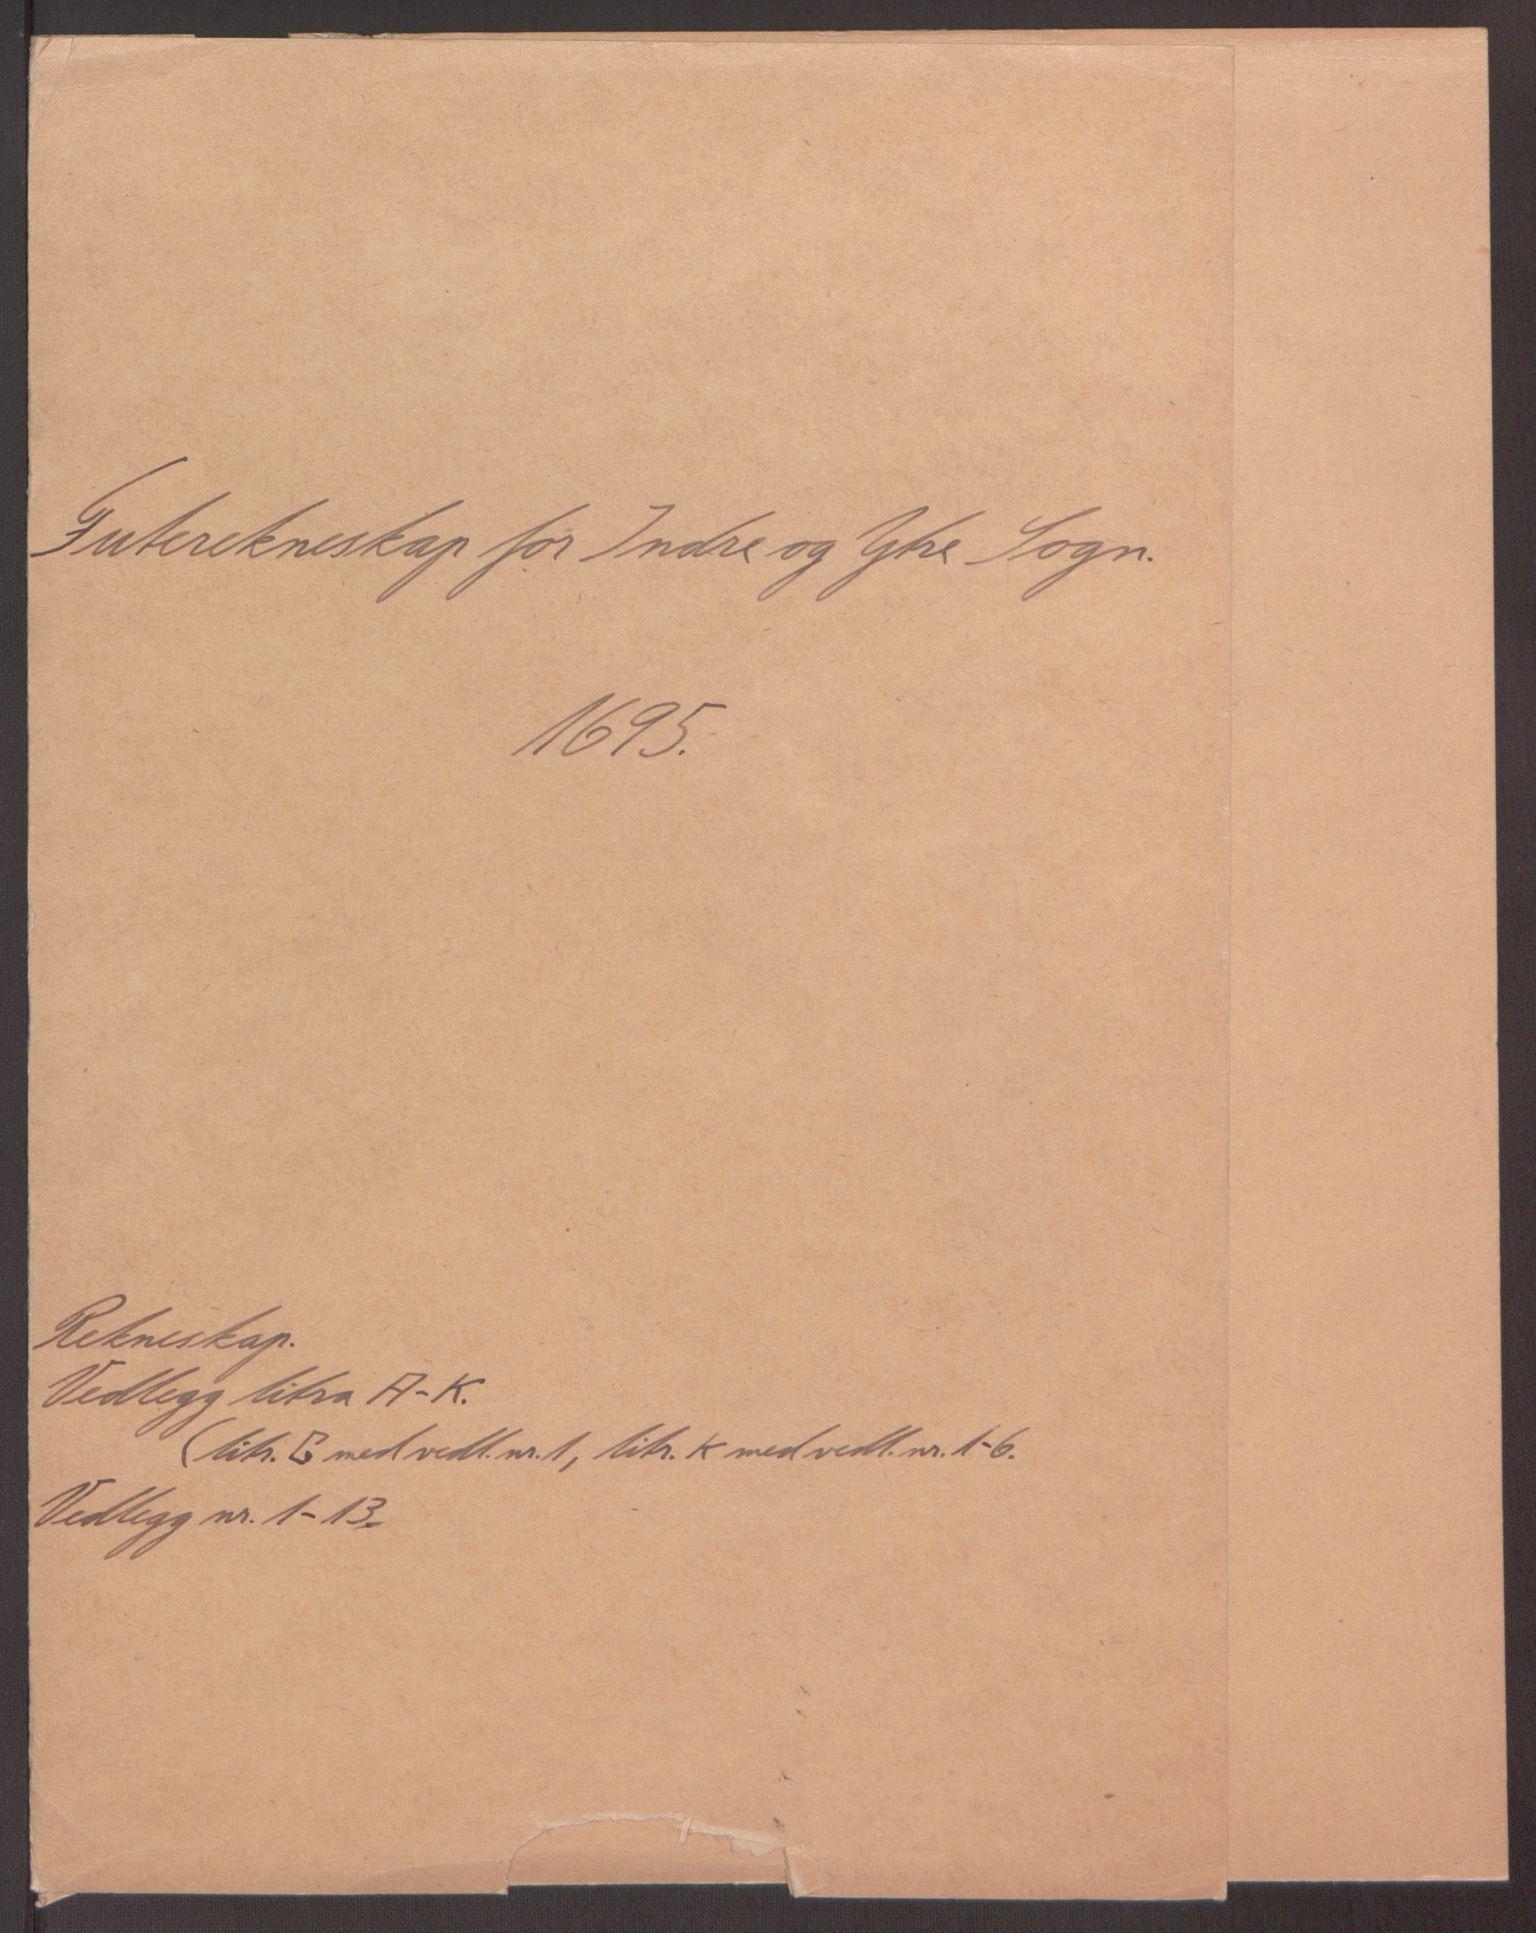 RA, Rentekammeret inntil 1814, Reviderte regnskaper, Fogderegnskap, R52/L3308: Fogderegnskap Sogn, 1695, s. 2